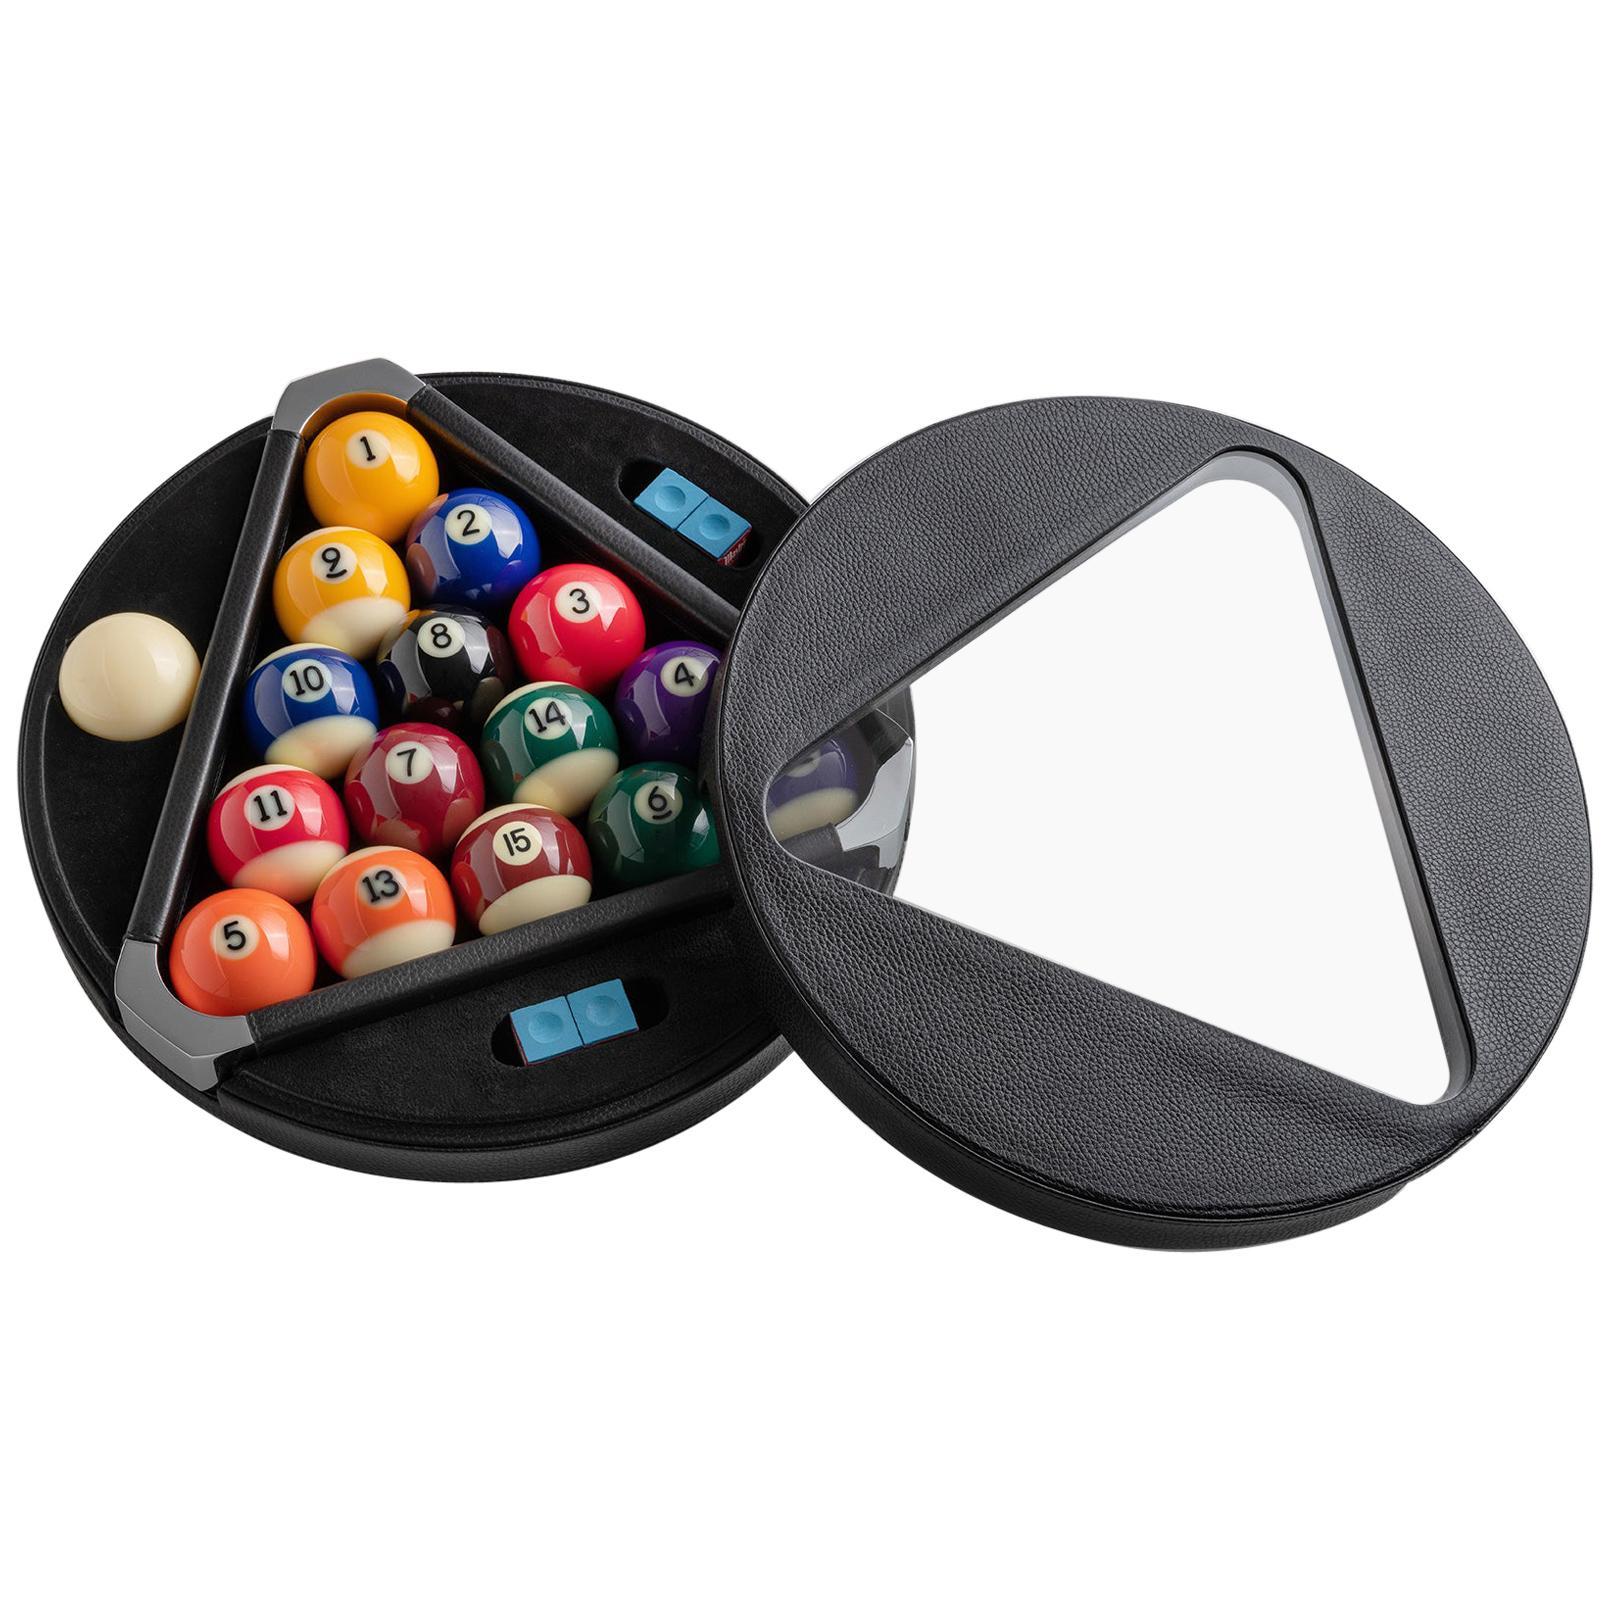 Filotto Billiard Game Set Box by Impatia